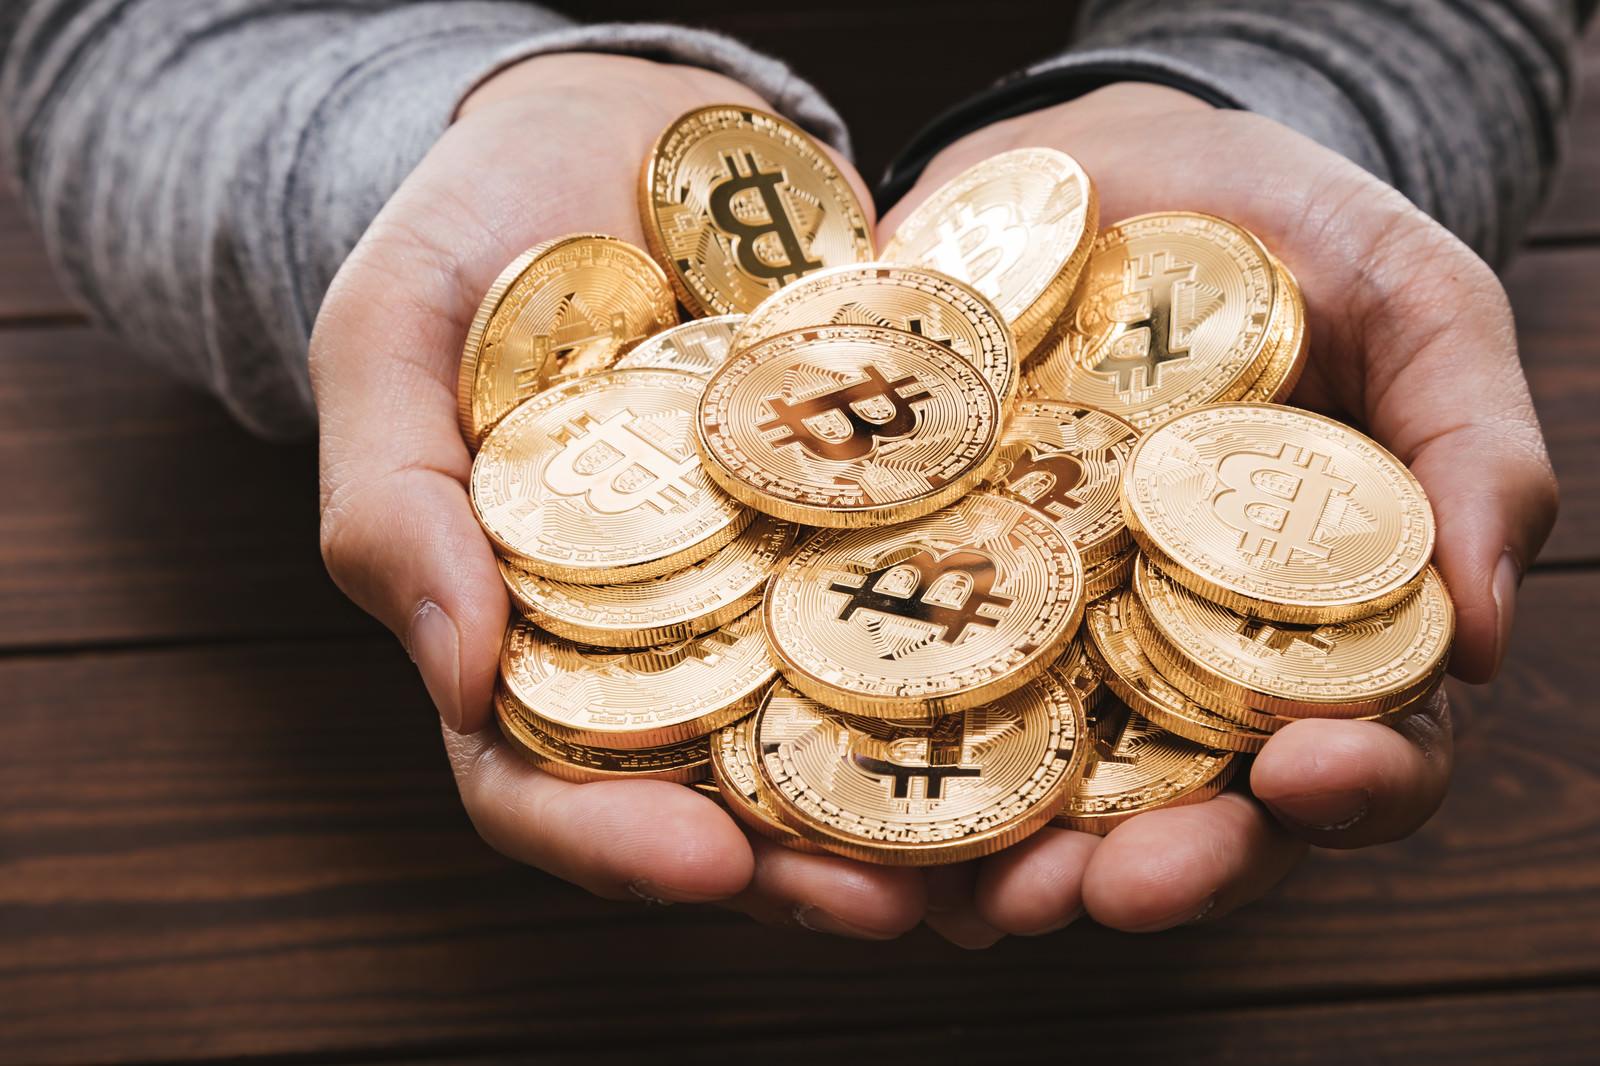 「両手いっぱいにHODLしたビットコイン」の写真